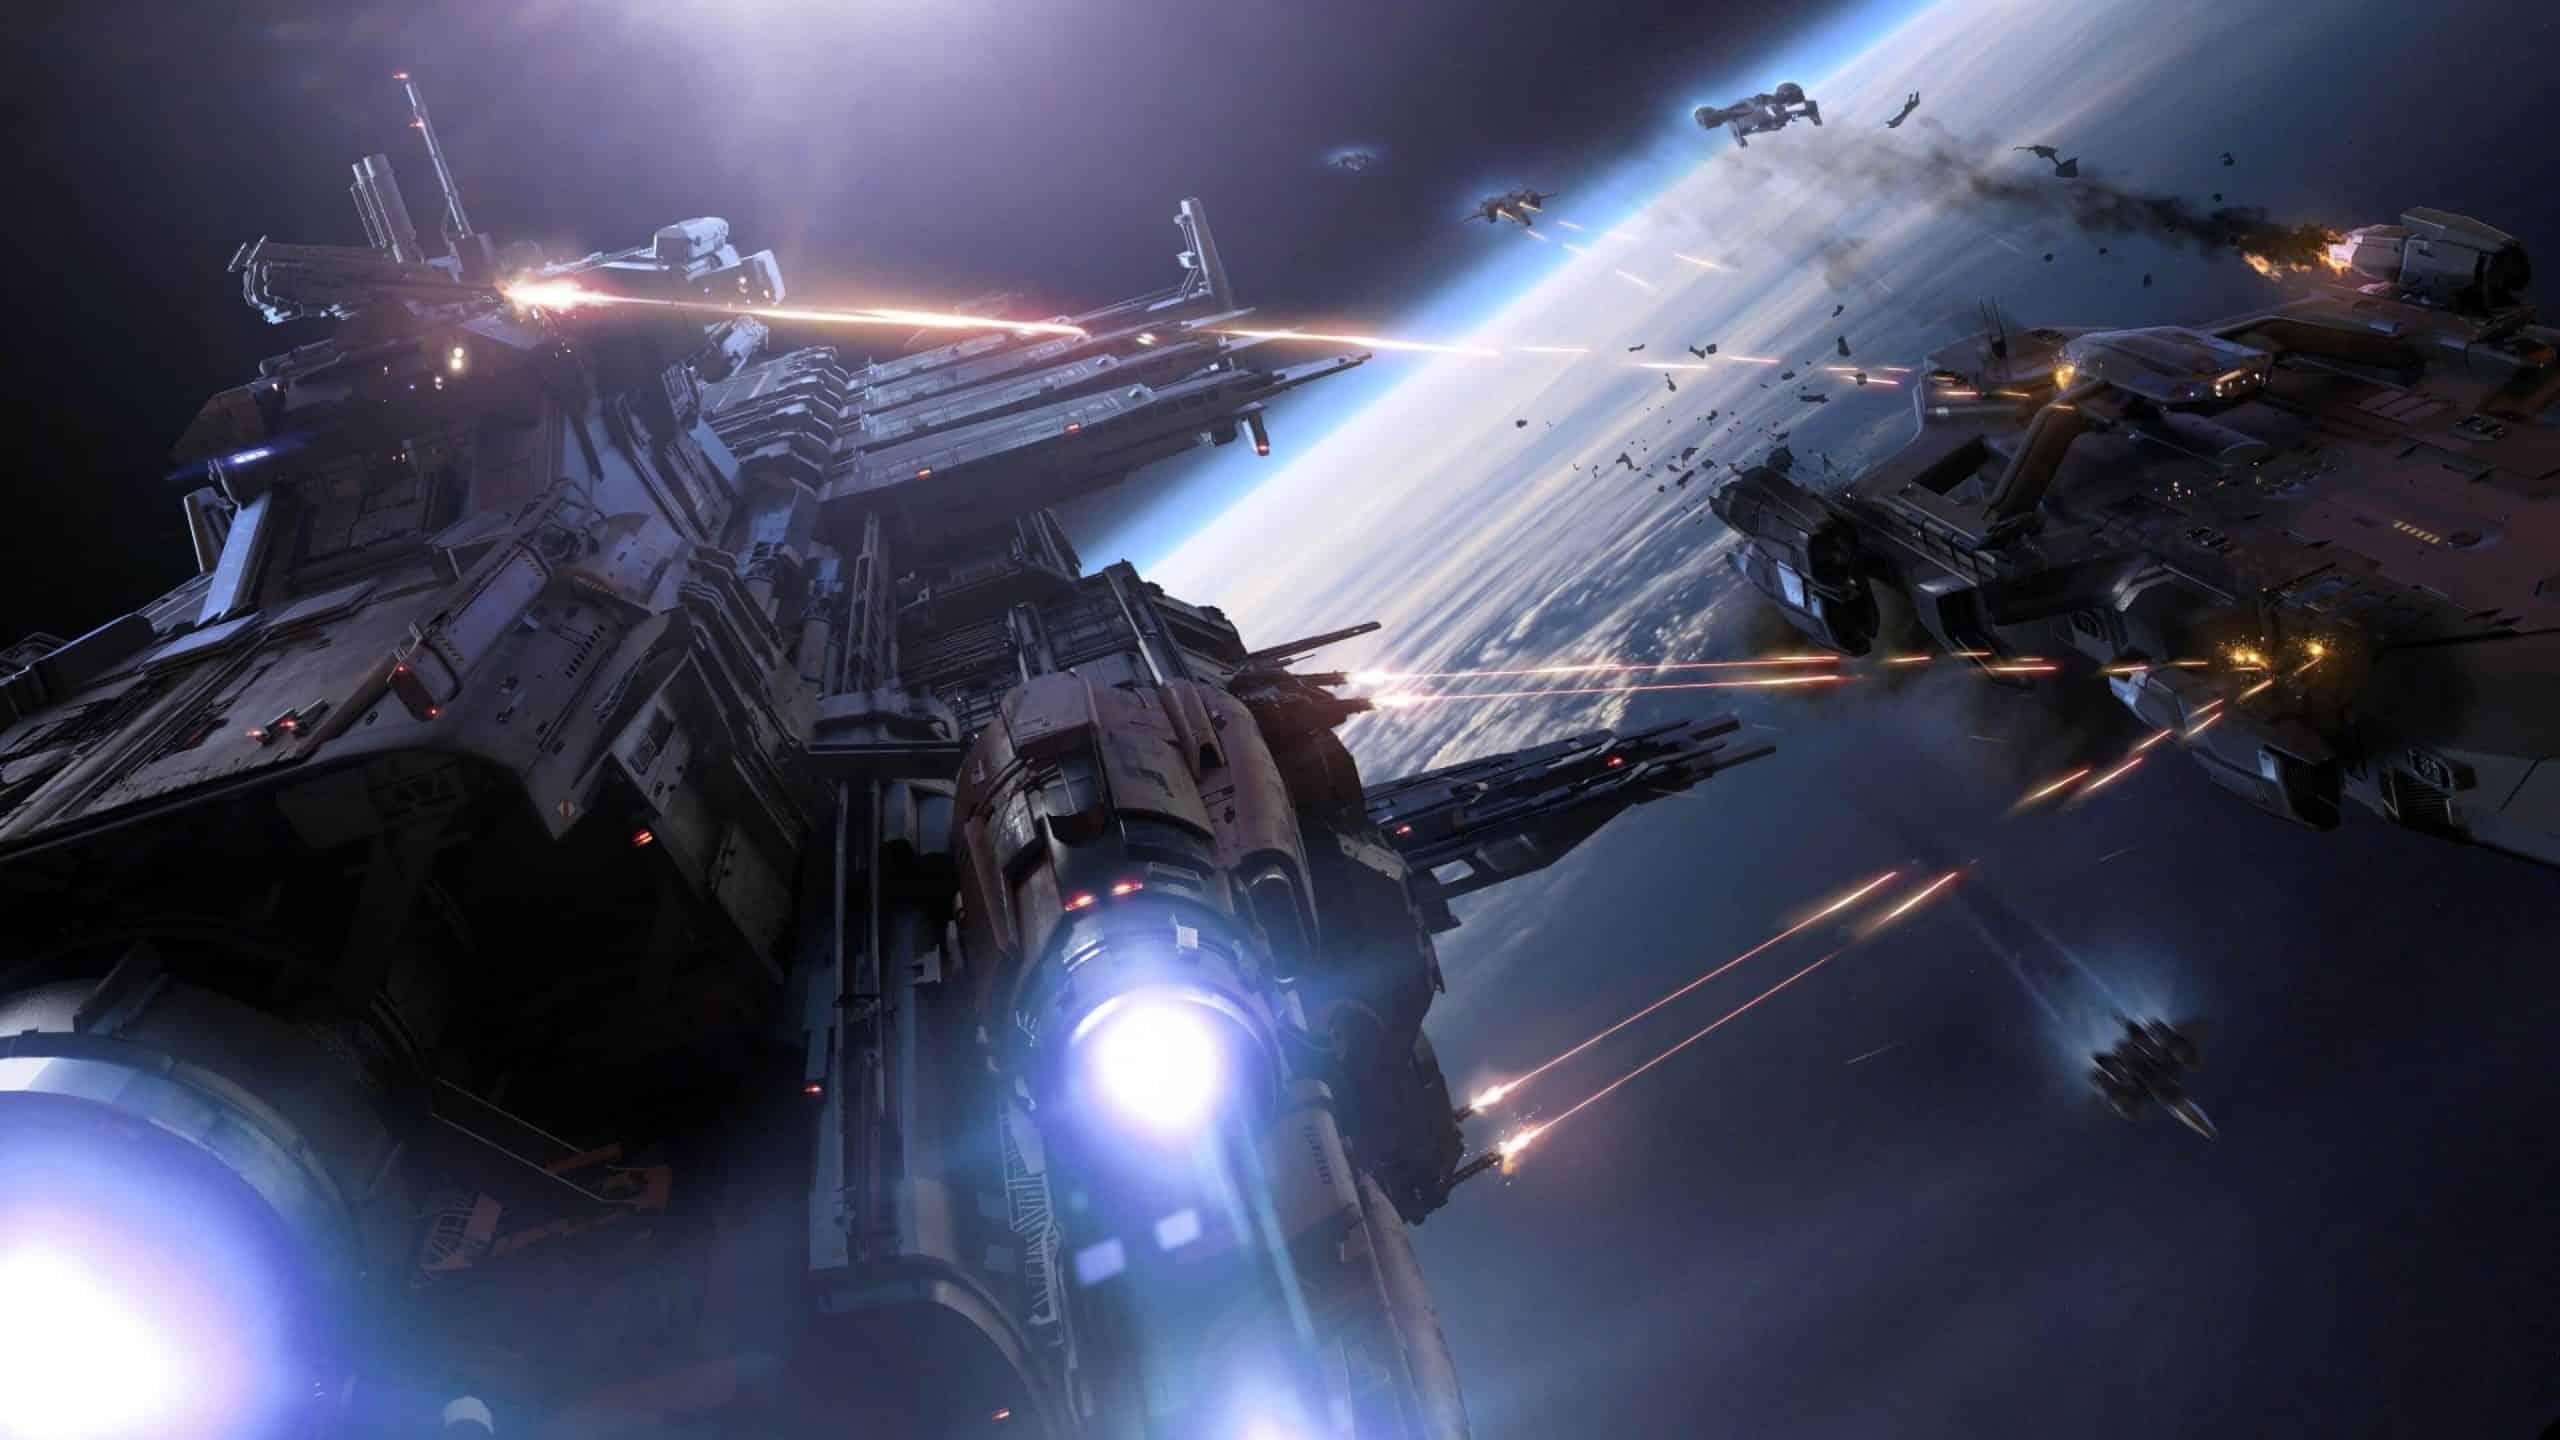 KRAKEN Star Citizen Referral Code STAR-GN2F-6JLW